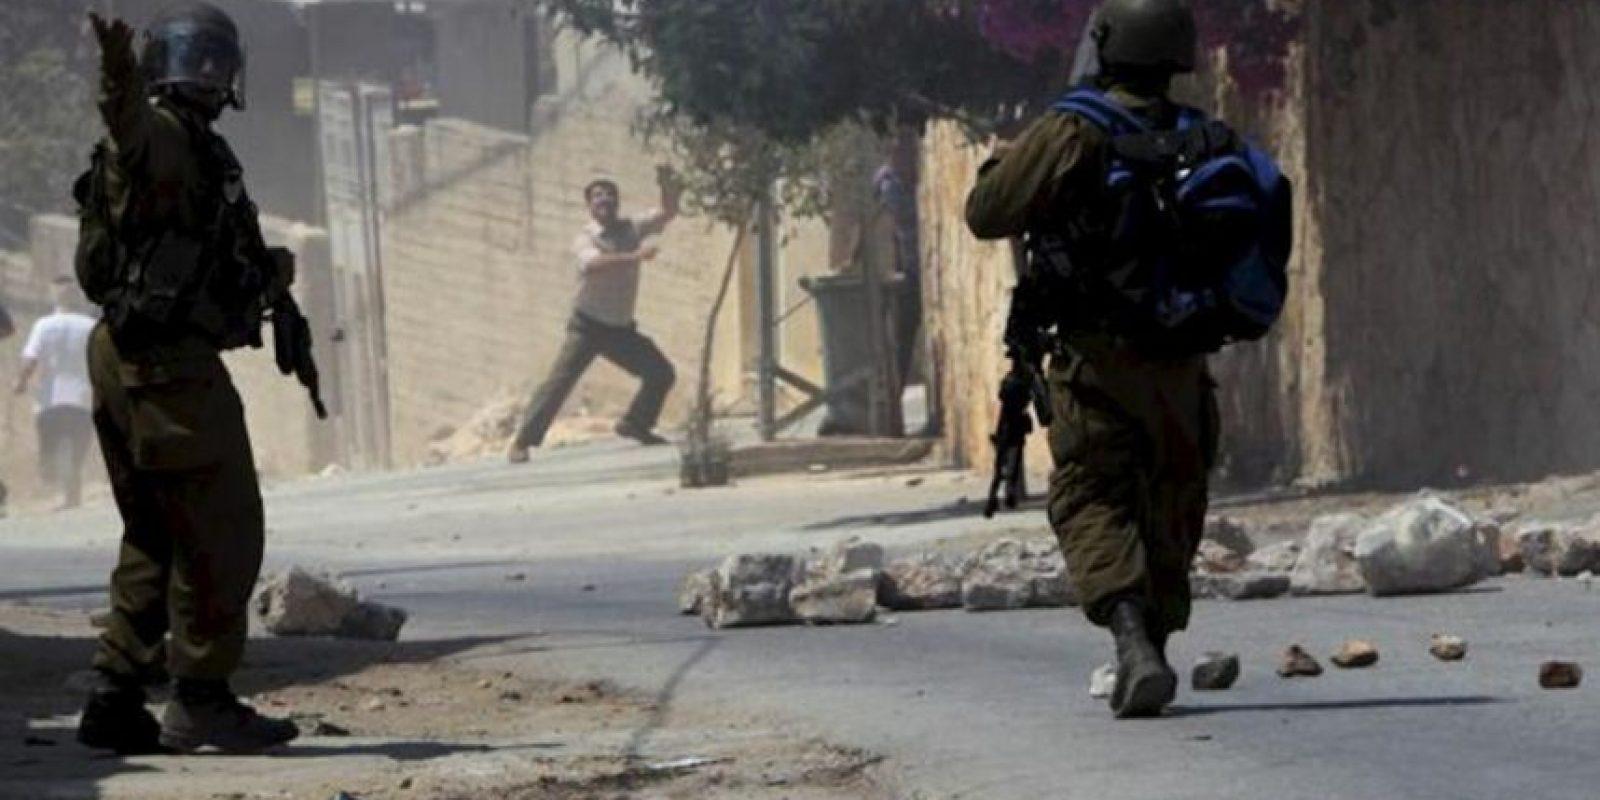 Varios soldados israelíes lanzan gas lacrimógeno contra manifestantes palestinos, durante la protesta semanal contra el asentamiento judío de Qadomem, cerca de la ciudad cisjordana de Nablus, hoy, viernes 23 de agosto de 2013. EFE